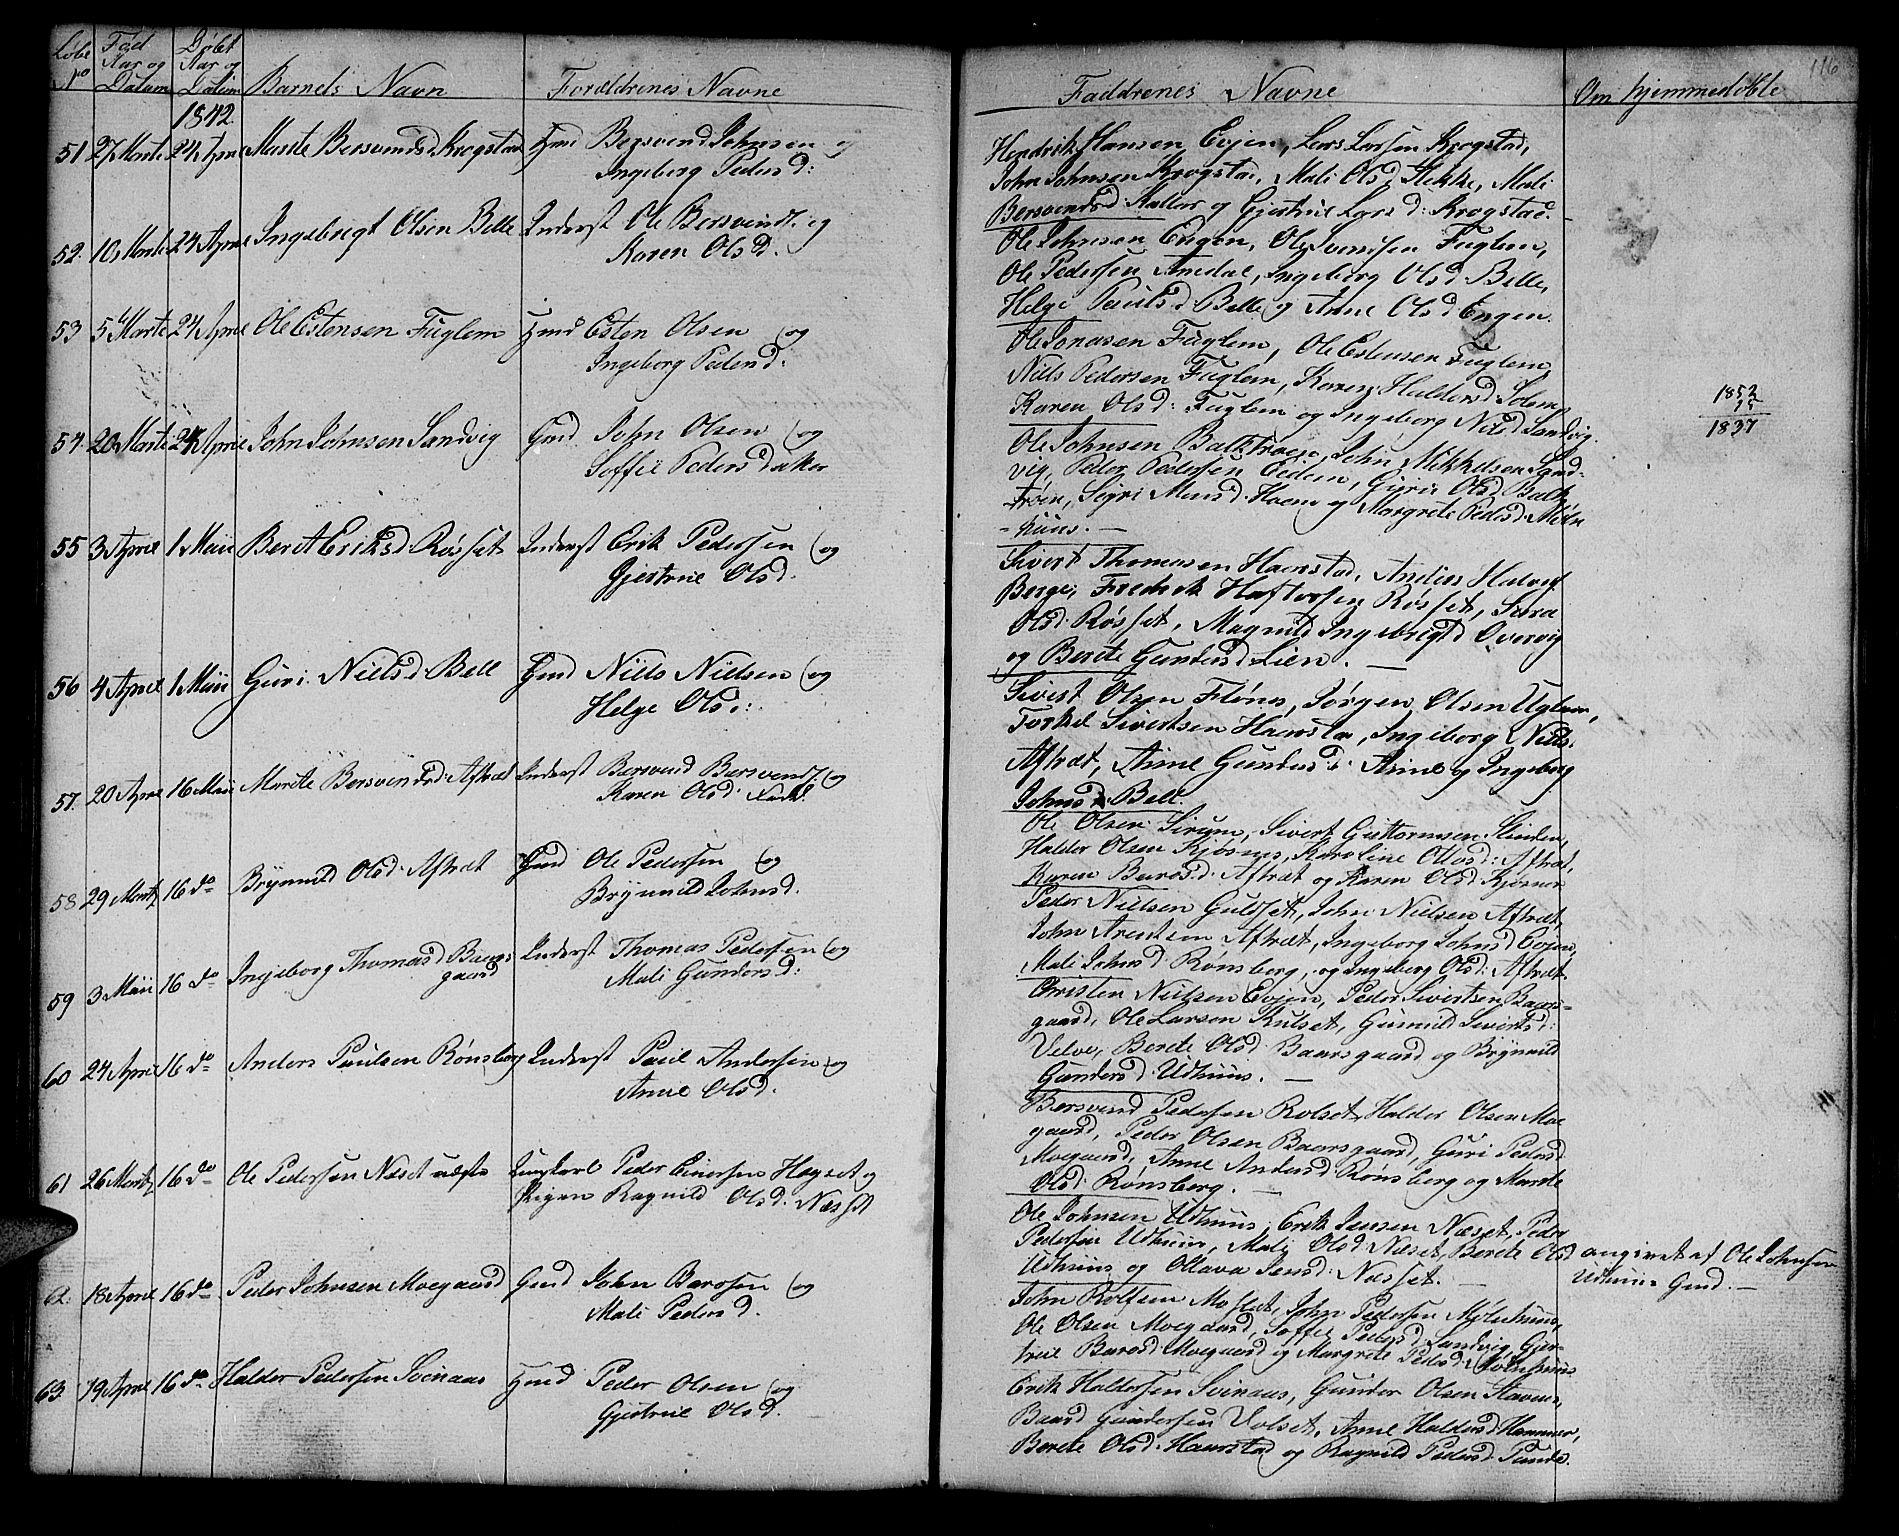 SAT, Ministerialprotokoller, klokkerbøker og fødselsregistre - Sør-Trøndelag, 695/L1154: Klokkerbok nr. 695C05, 1842-1858, s. 116